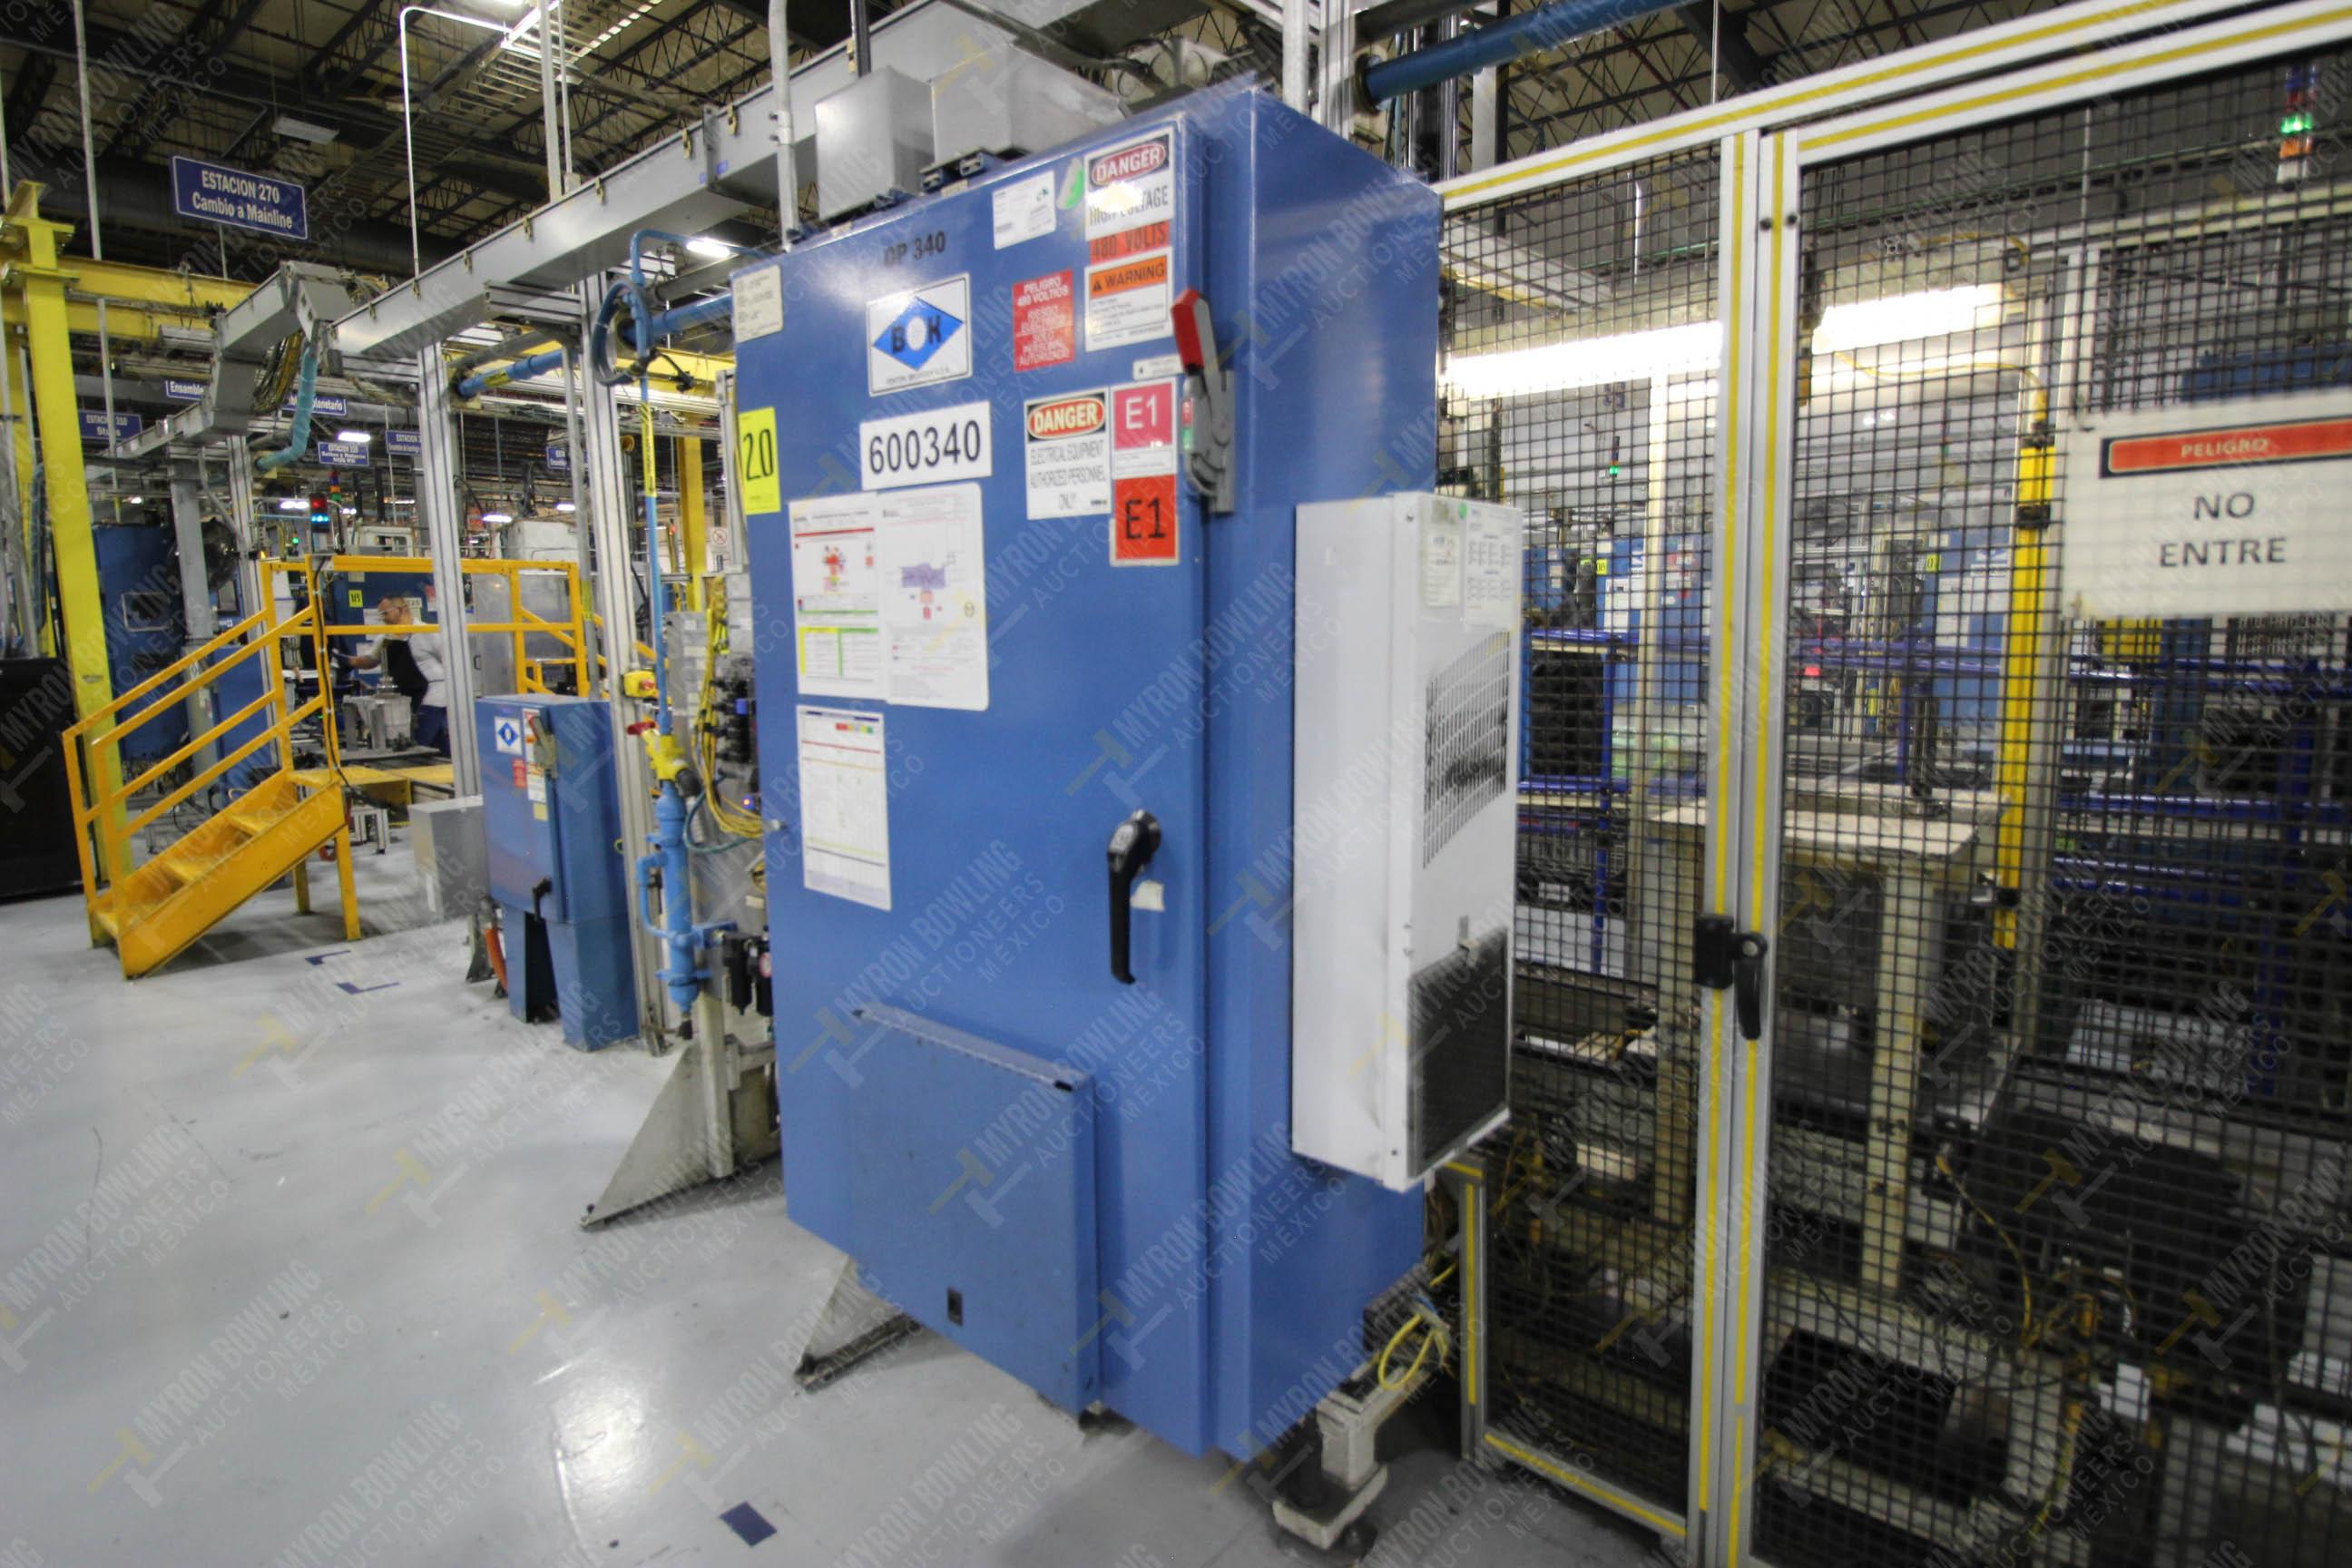 Estación semiautomática para operación 340, contiene: Prensa en estructura de placa de acero - Image 24 of 32